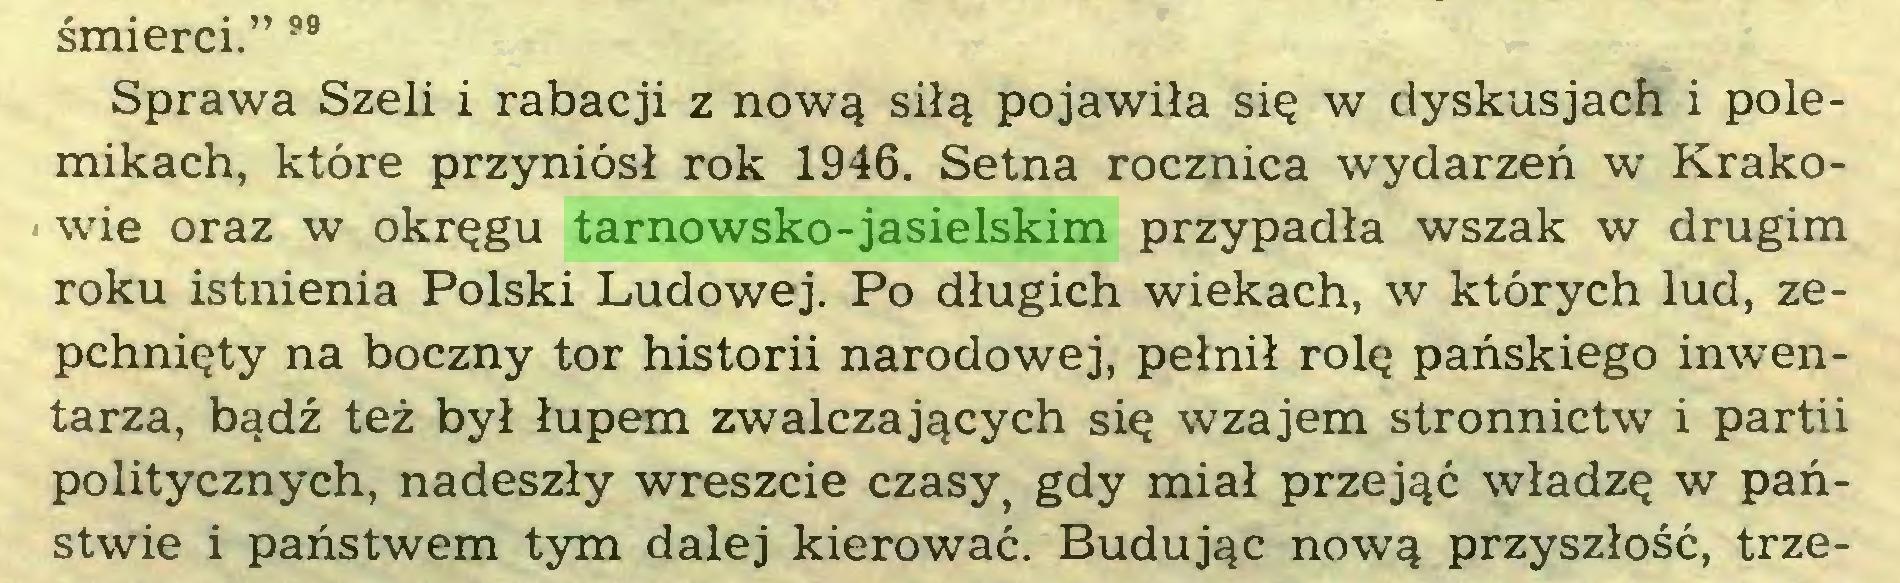 """(...) śmierci."""" 99 Sprawa Szeli i rabacji z nową siłą pojawiła się w dyskusjach i polemikach, które przyniósł rok 1946. Setna rocznica wydarzeń w Krakowie oraz w okręgu tarnowsko-jasielskim przypadła wszak w drugim roku istnienia Polski Ludowej. Po długich wiekach, w których lud, zepchnięty na boczny tor historii narodowej, pełnił rolę pańskiego inwentarza, bądź też był łupem zwalczających się wzajem stronnictw i partii politycznych, nadeszły wreszcie czasy} gdy miał przejąć władzę w państwie i państwem tym dalej kierować. Budując nową przyszłość, trze..."""